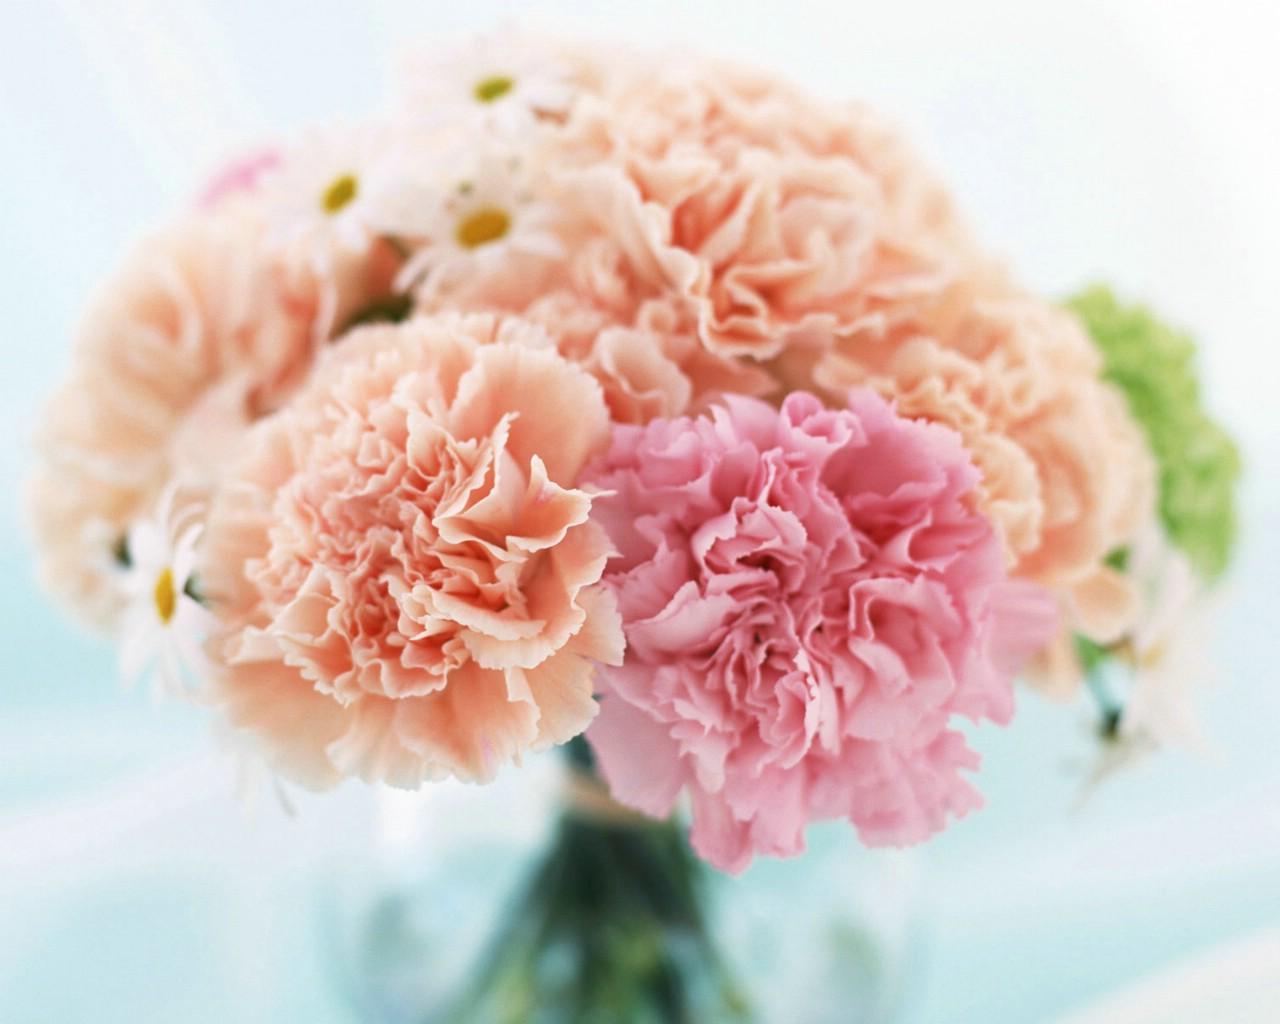 壁纸1280×1024母亲节康乃馨 2 20壁纸 母亲节康乃馨壁纸图片花卉壁纸花卉图片素材桌面壁纸